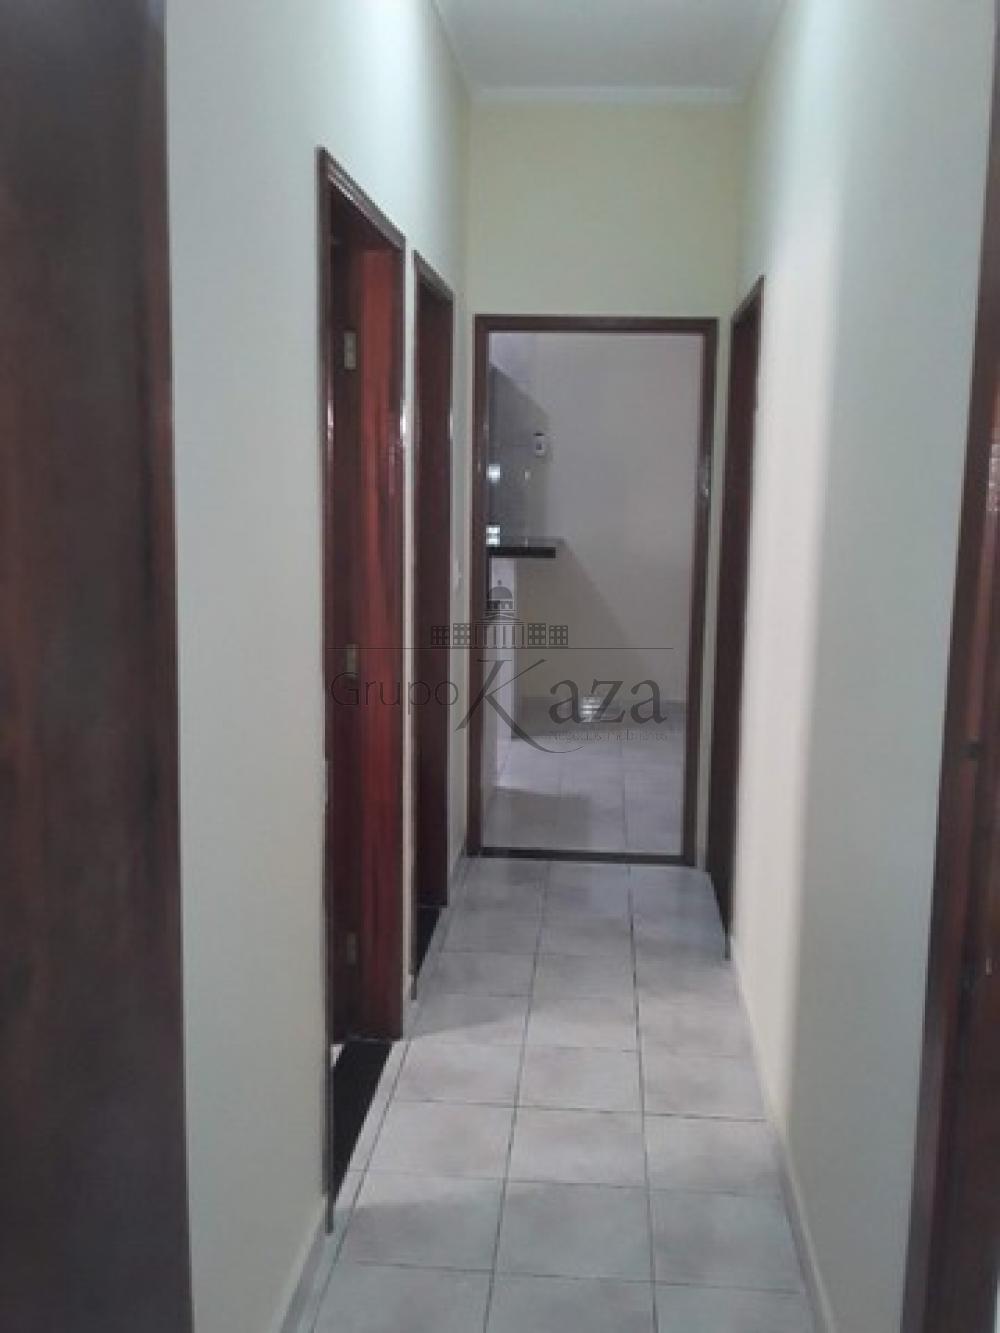 alt='Comprar Casa / Térrea em São José dos Campos R$ 475.000,00 - Foto 8' title='Comprar Casa / Térrea em São José dos Campos R$ 475.000,00 - Foto 8'